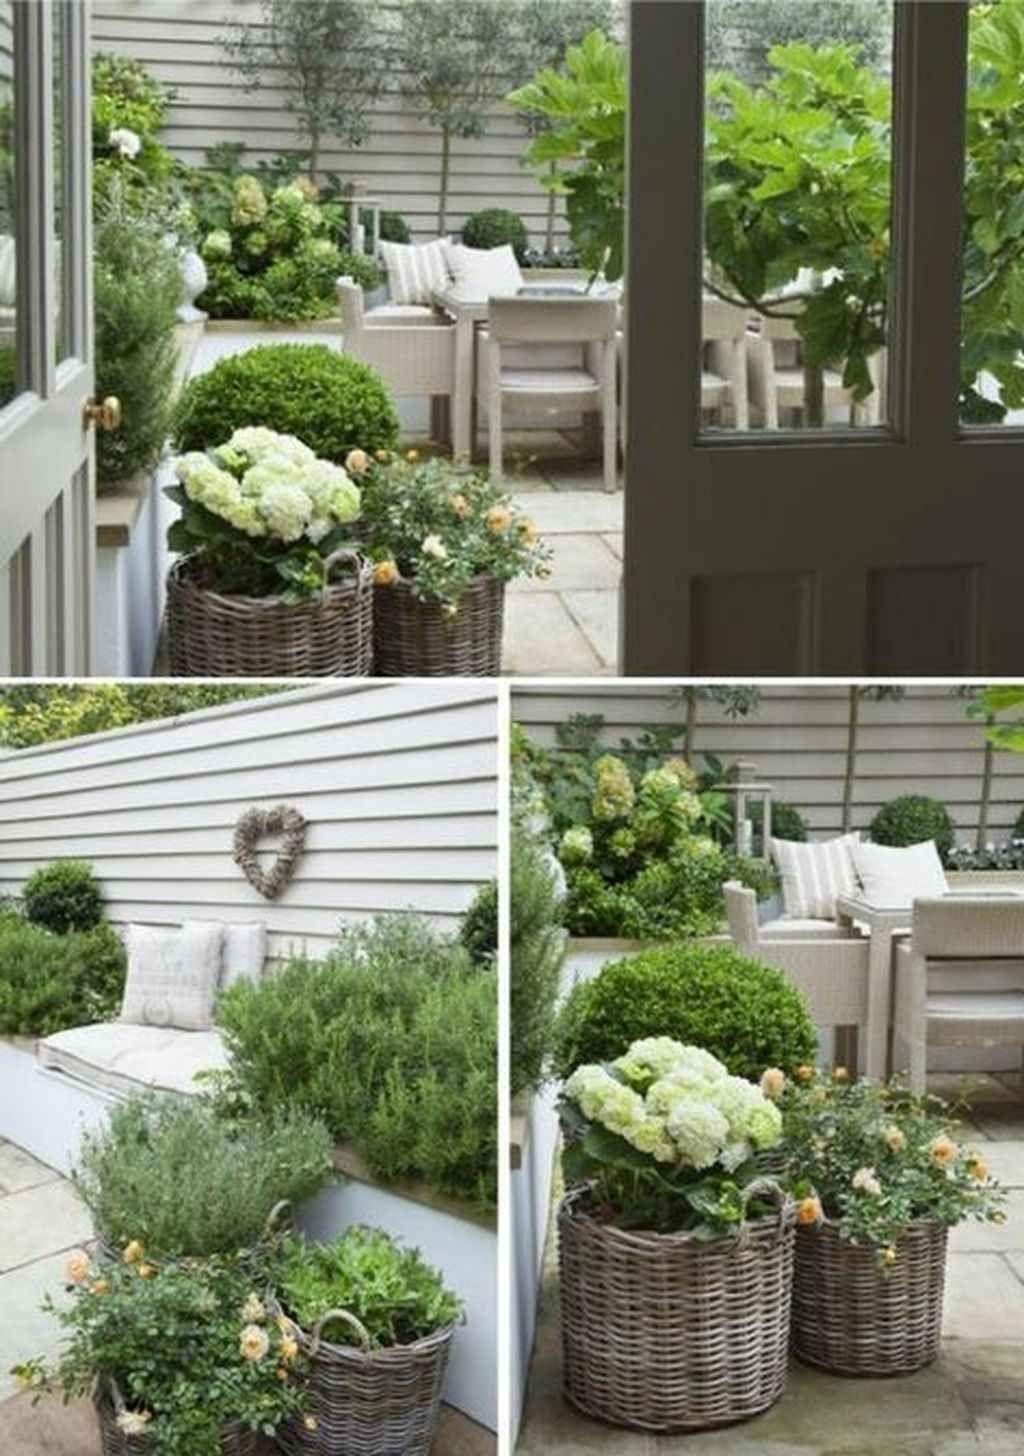 95 Inspiring Small Courtyard Garden Design Ideas #smallcourtyardgardens